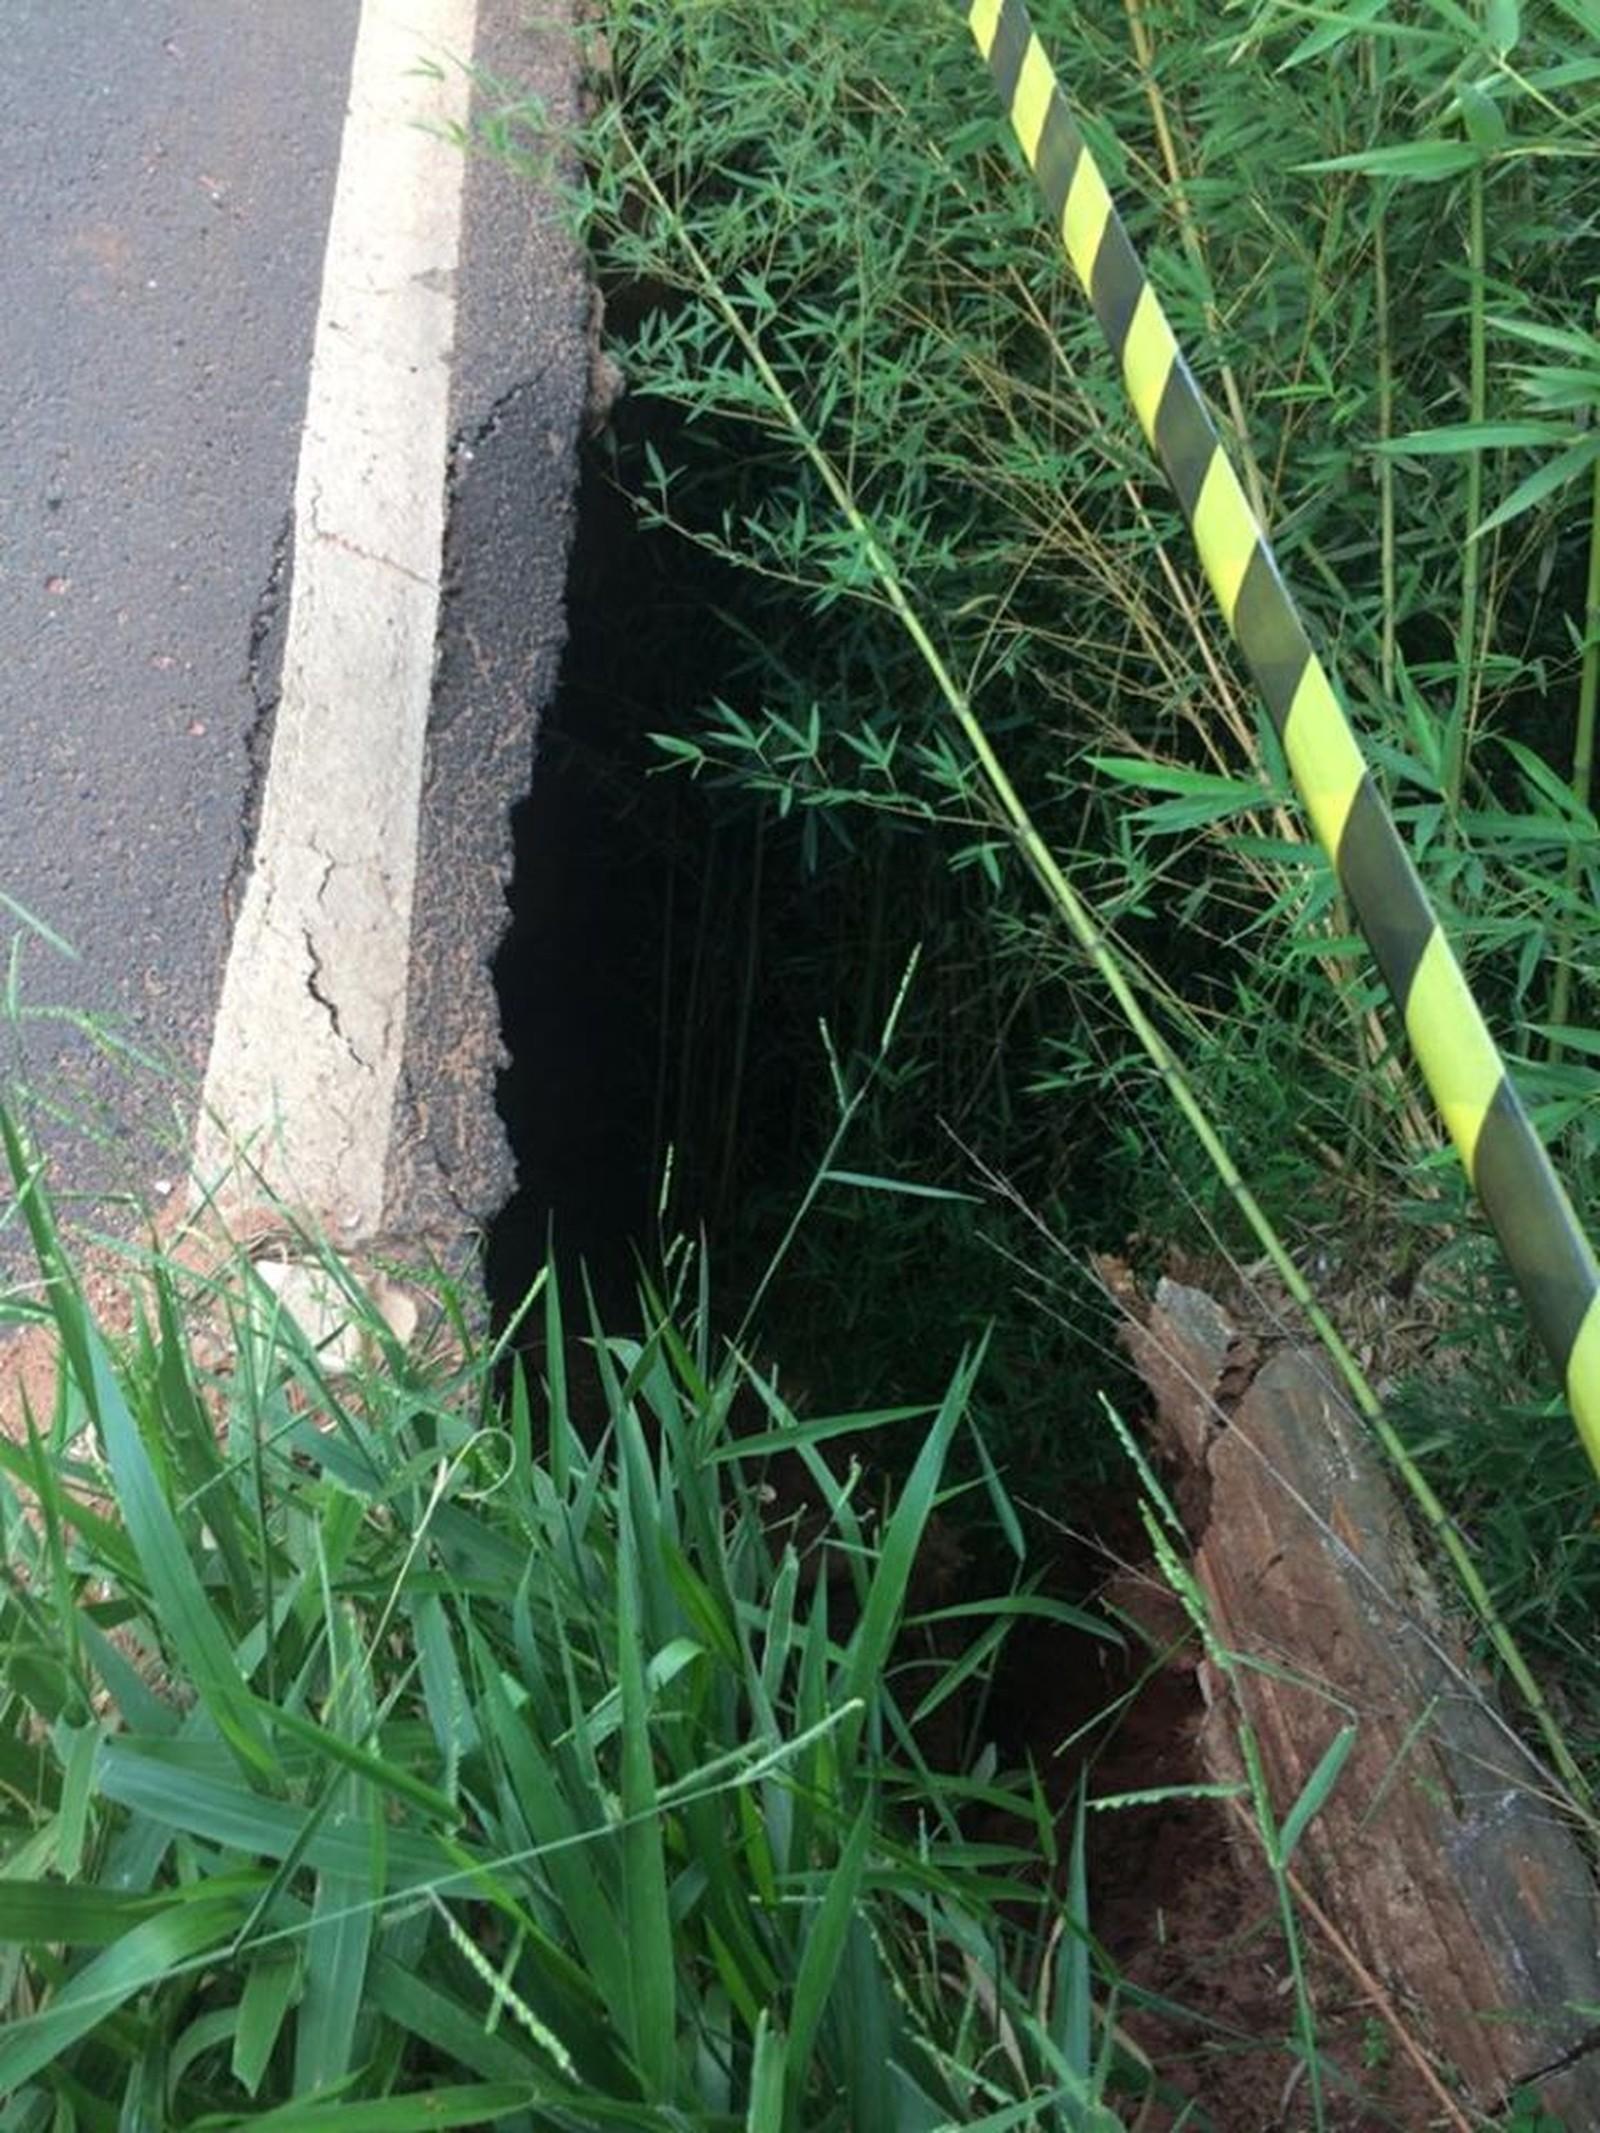 Segundo a Defesa Civil, equipe constatou que a força da enxurrada tem provocado o desbarrancamento por baixo do asfalto — Foto: Prefeitura de Paraguaçu Paulista/Divulgação